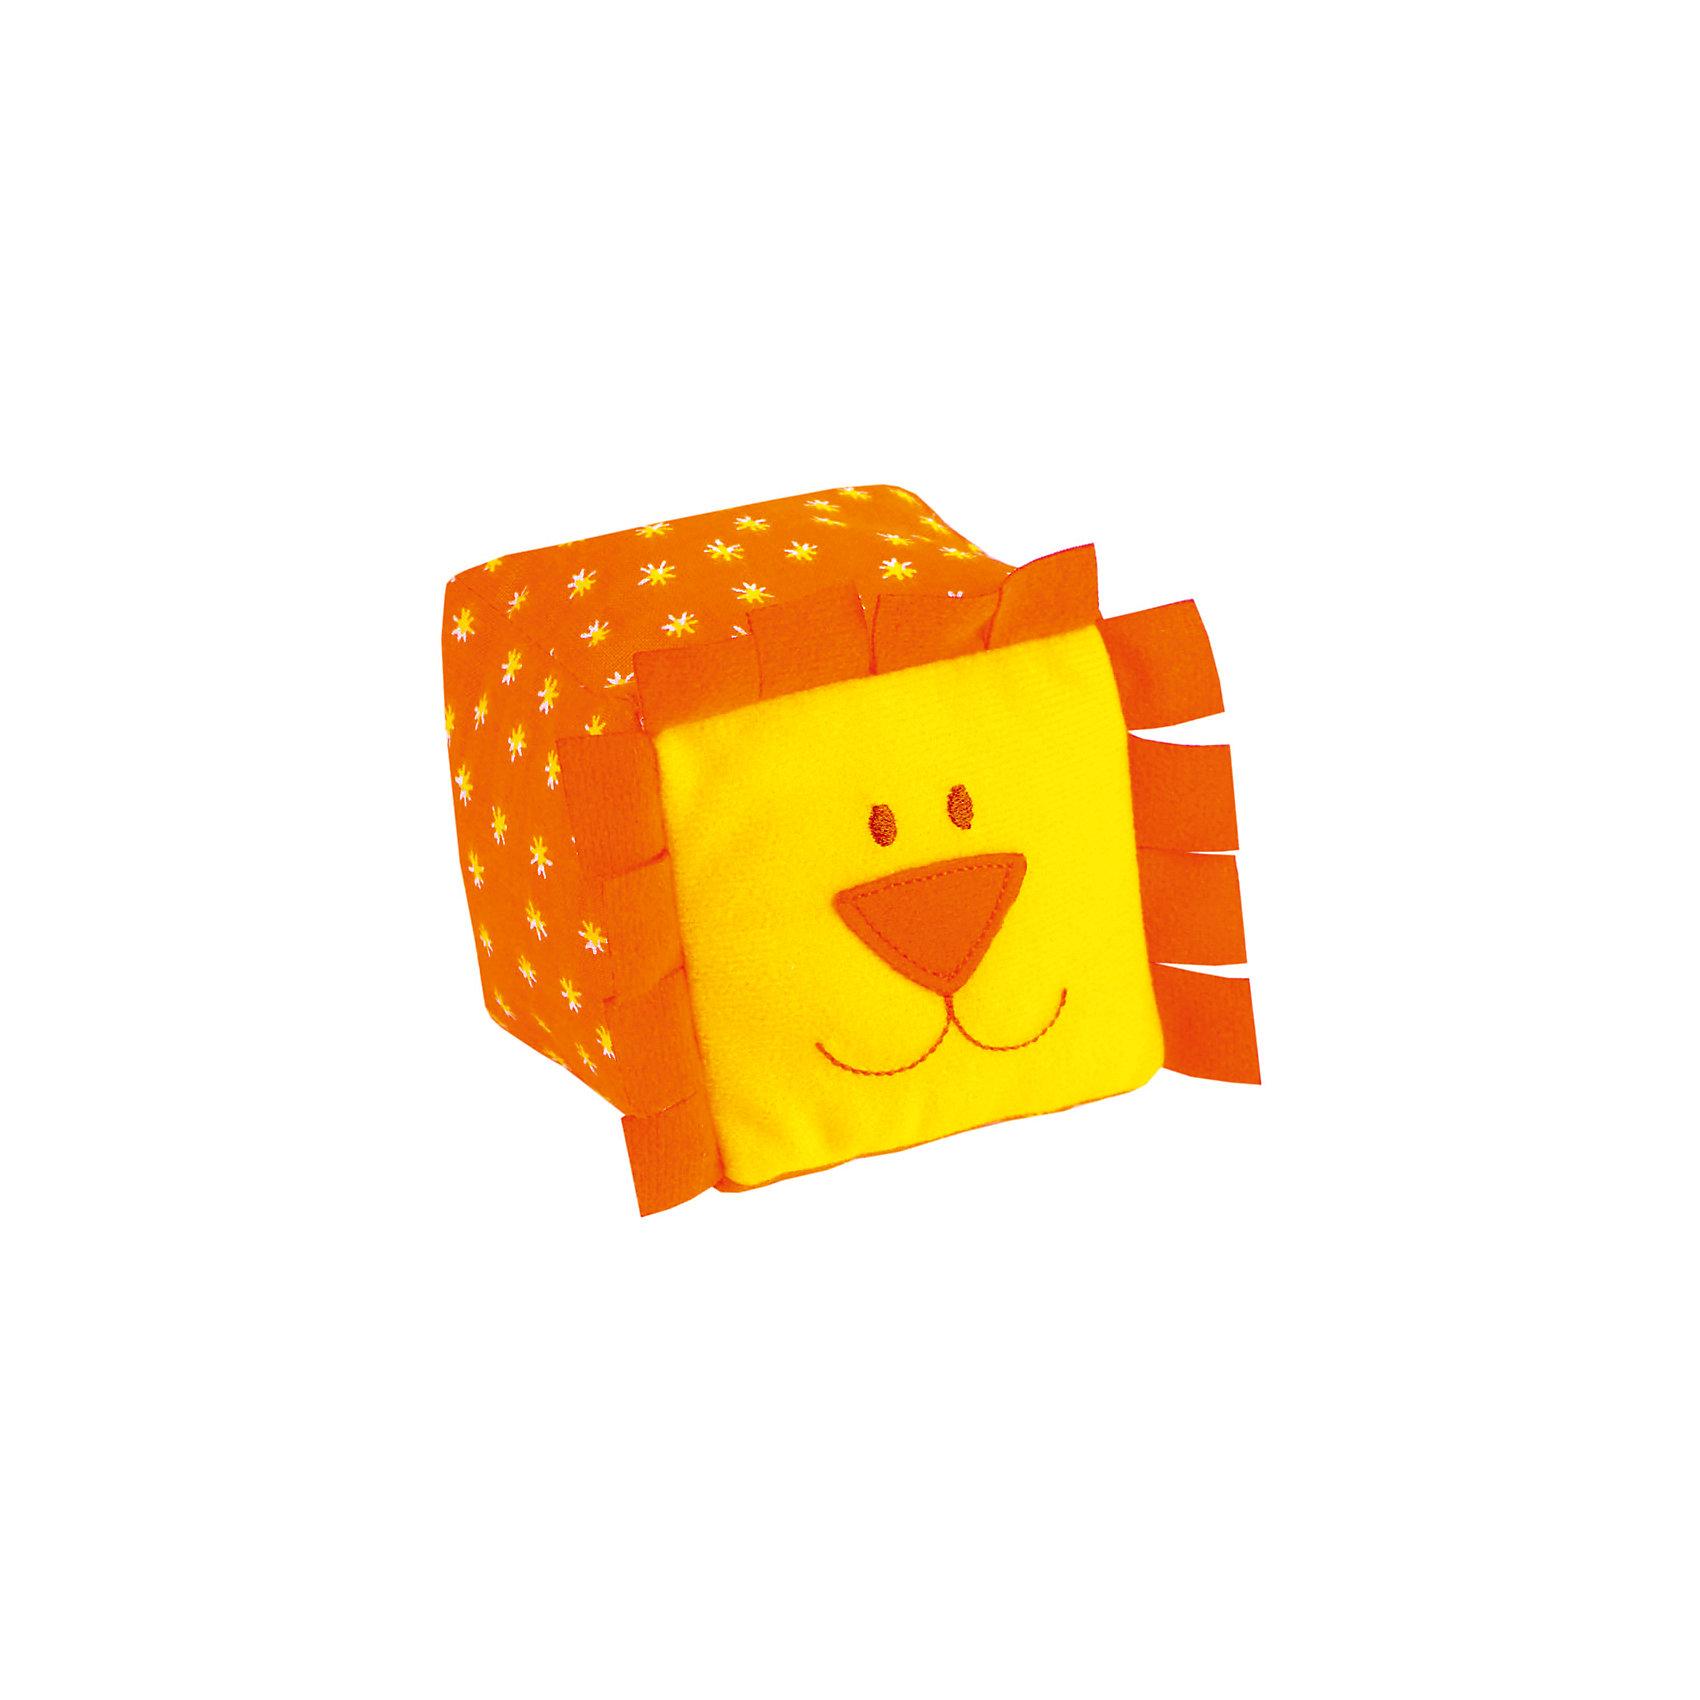 Кубики ЗооМякиши Львенок, МякишиХарактеристики товара:<br><br>• материал: трикотаж, холлофайбер<br>• комплектация: 1 шт<br>• размер игрушки: 8х8 см<br>• звуковой элемент<br>• развивающая игрушка<br>• упаковка: пакет<br>• страна бренда: РФ<br>• страна изготовитель: РФ<br><br>Малыши активно познают мир и тянутся к новой информации. Чтобы сделать процесс изучения окружающего пространства интереснее, ребенку можно подарить развивающие игрушки. В процессе игры информация усваивается намного лучше!<br>Такие кубики помогут занять малыша, играть ими приятно и весело. Одновременно они позволят познакомиться со многими цветами, фактурами, а также научить извлекать звук. Такие игрушки развивают тактильные ощущения, моторику, цветовосприятие, логику, воображение, учат фокусировать внимание. Каждое изделие абсолютно безопасно – оно создано из качественной ткани с мягким наполнителем. Игрушки производятся из качественных и проверенных материалов, которые безопасны для детей.<br><br>Кубики ЗооМякиши Львенок от бренда Мякиши можно купить в нашем интернет-магазине.<br><br>Ширина мм: 80<br>Глубина мм: 80<br>Высота мм: 80<br>Вес г: 40<br>Возраст от месяцев: 12<br>Возраст до месяцев: 36<br>Пол: Унисекс<br>Возраст: Детский<br>SKU: 5183197